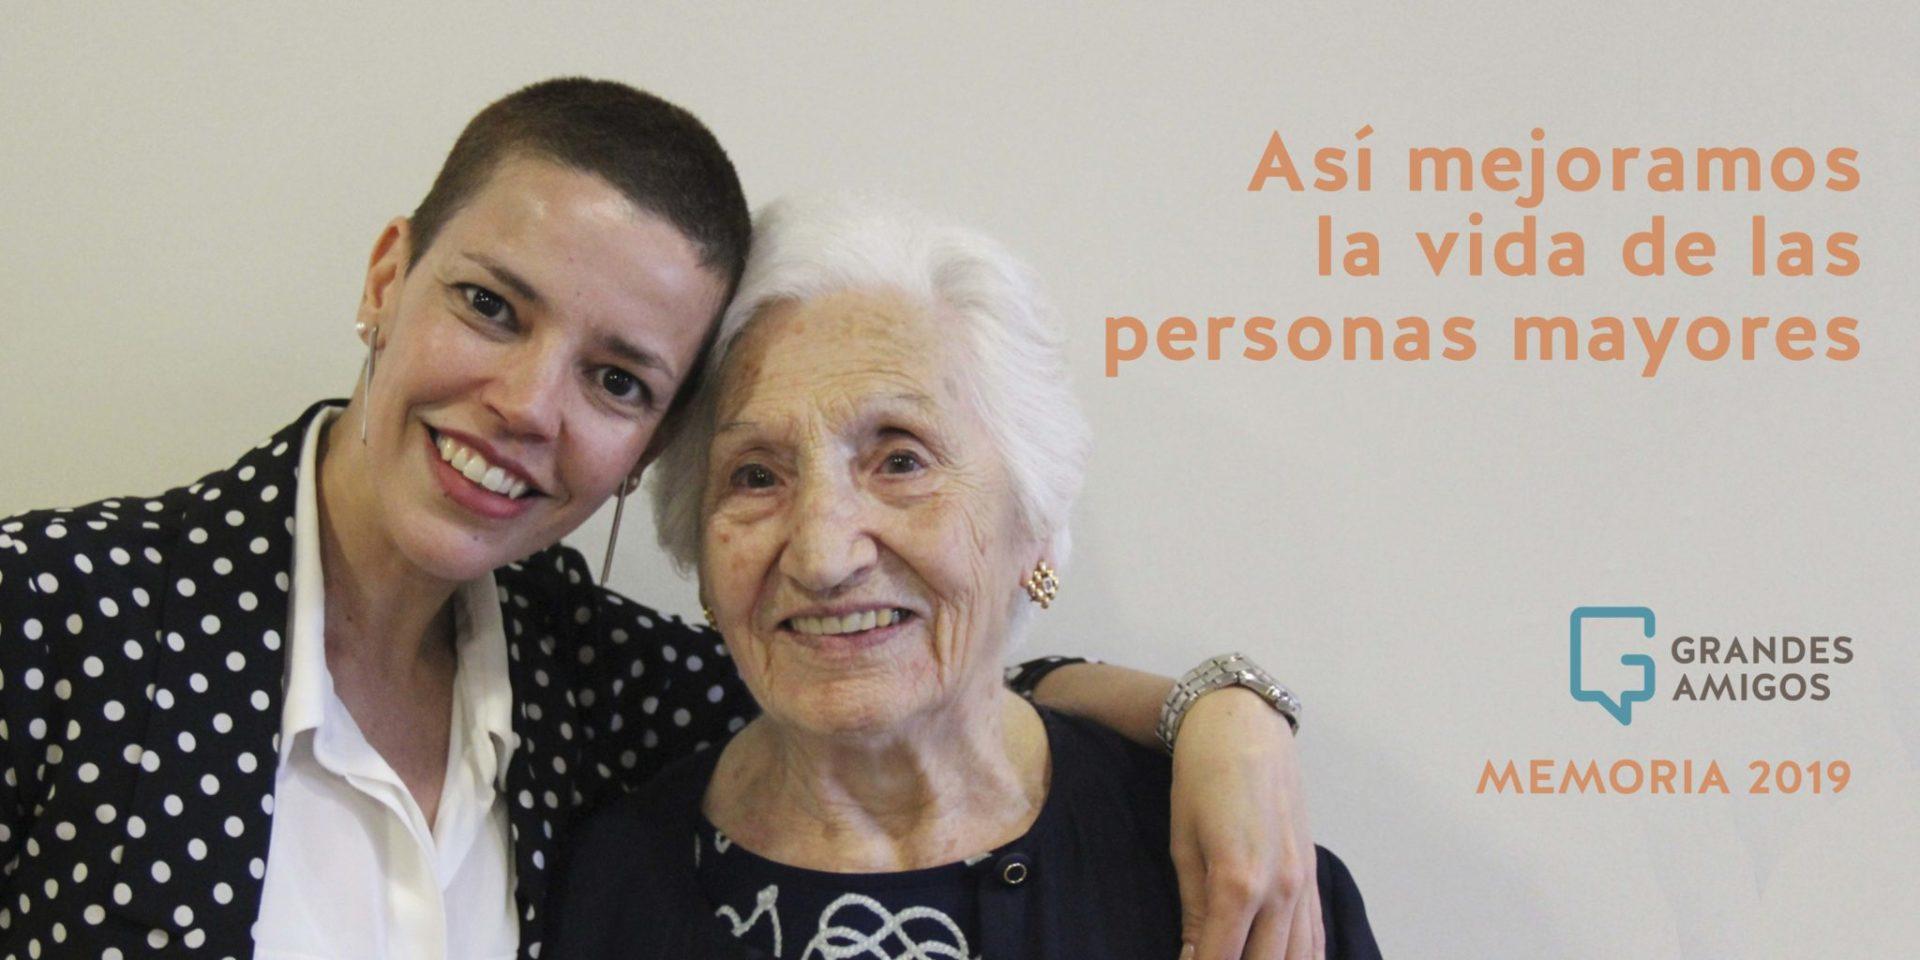 Un proyecto sostenible con más de 2.000 personas unidas por un envejecimiento sin soledad: la labor de Grandes Amigos en 2019